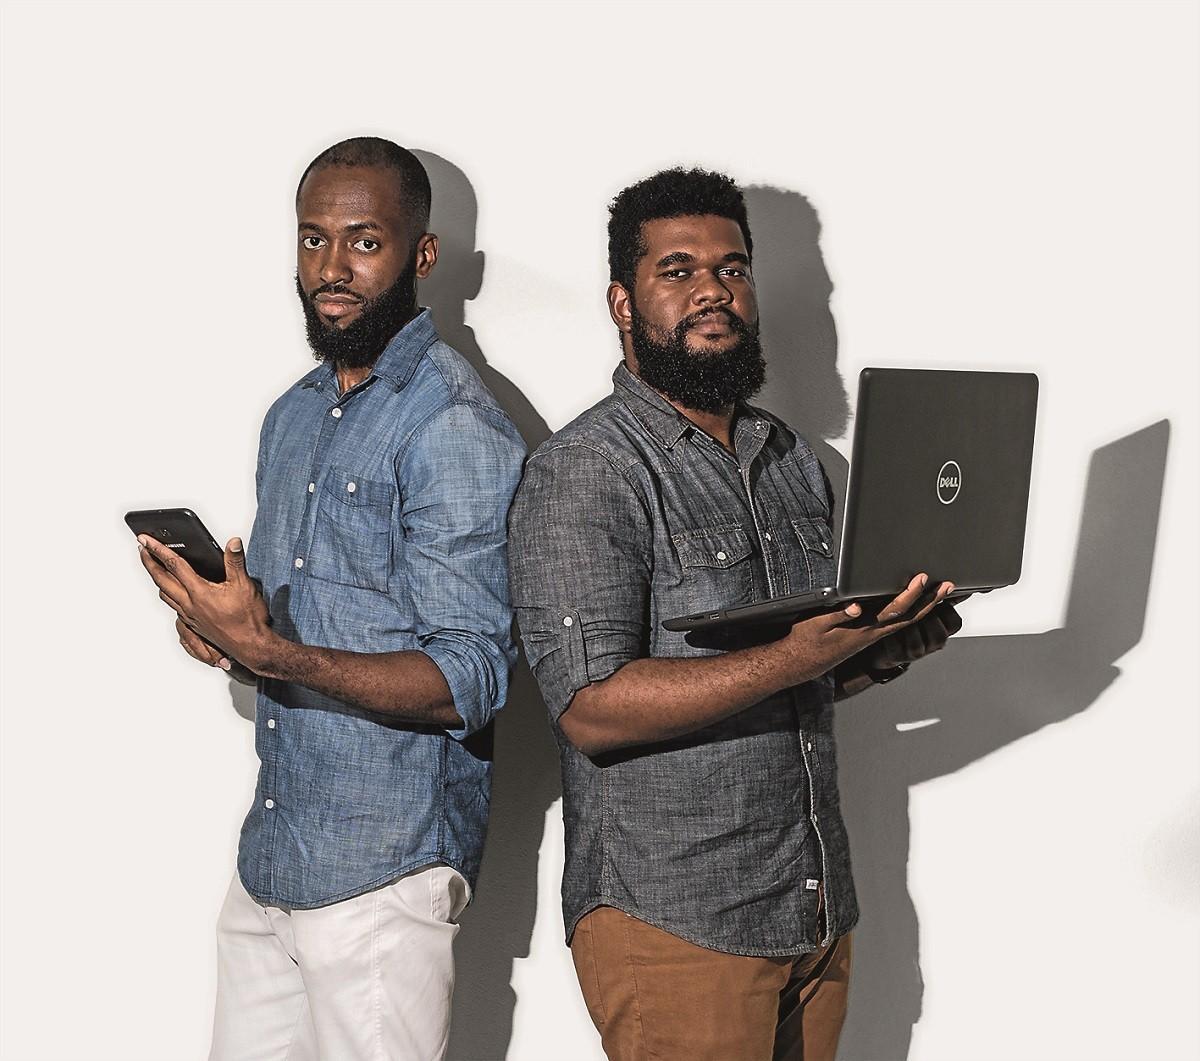 Os desenvolvedores Daniel Nascimento e Maurício Marques   (Foto: Raul Spinassé )